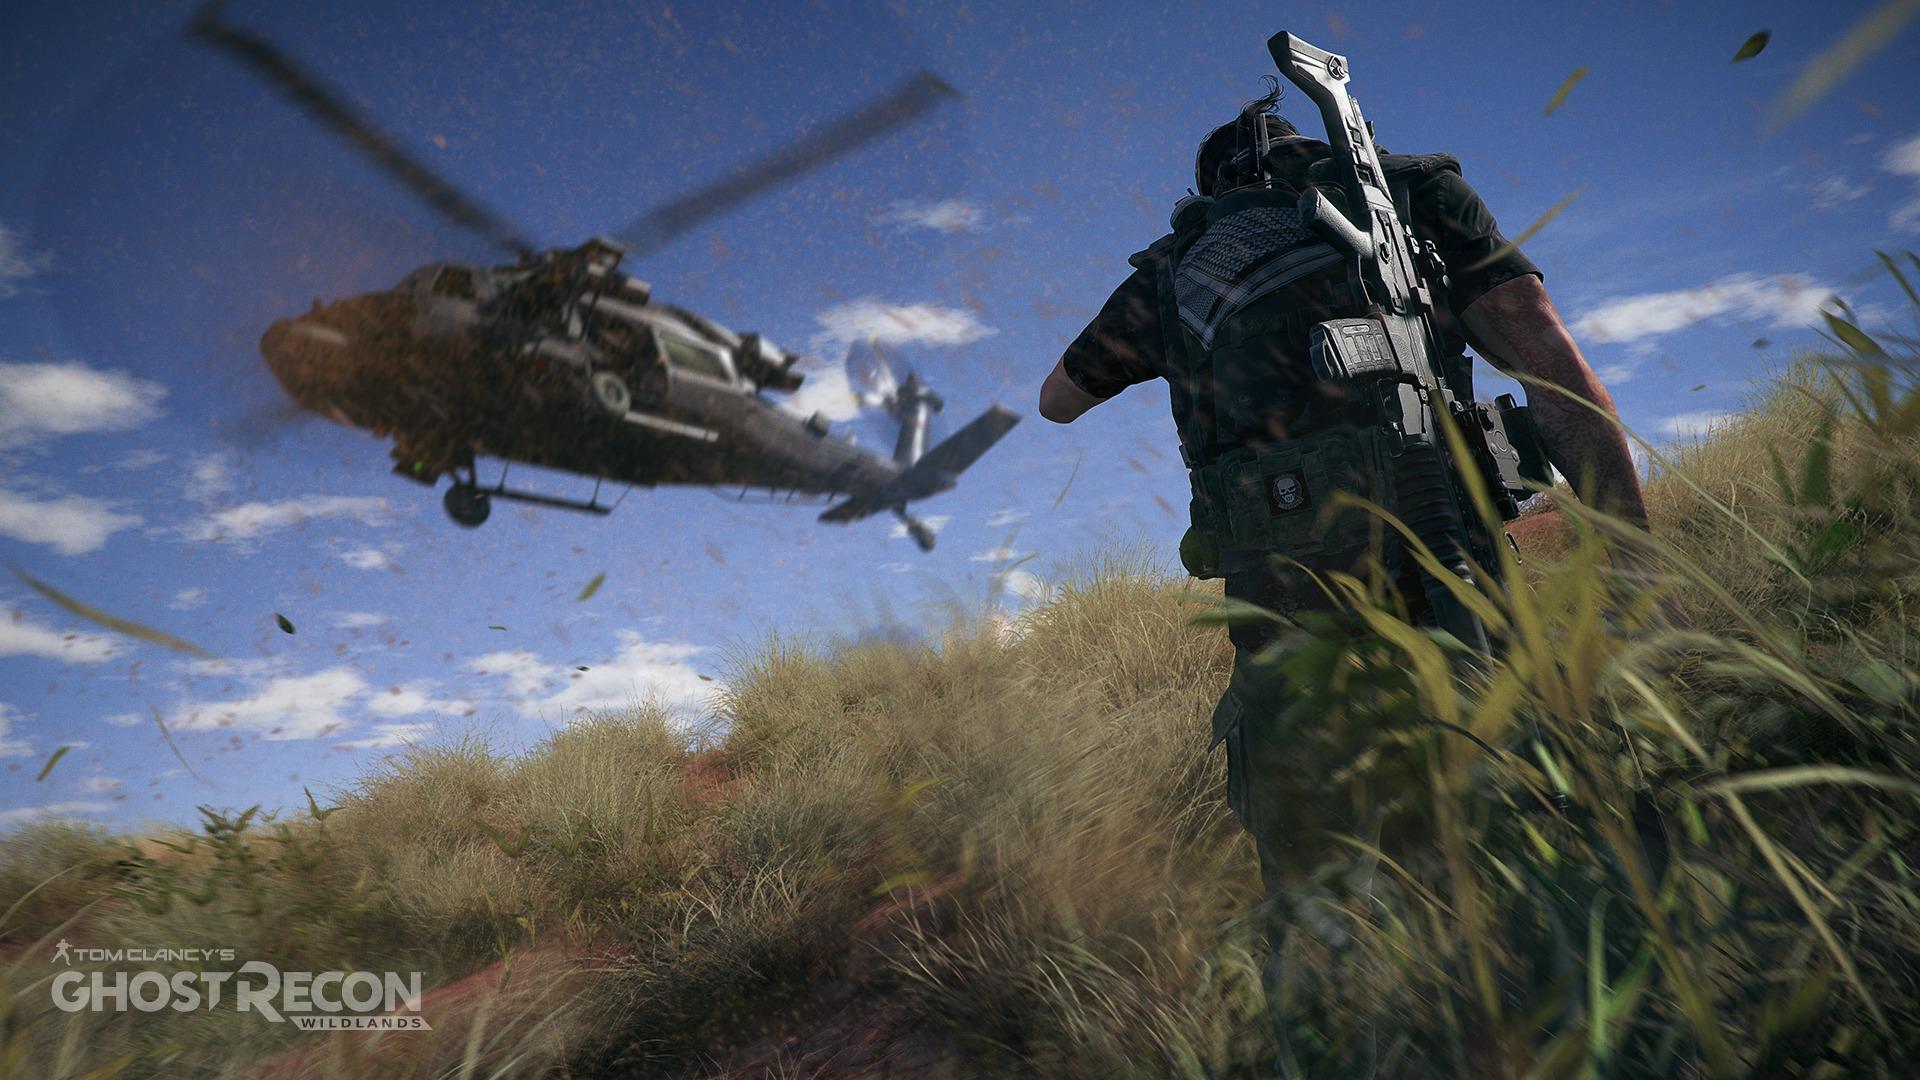 Helikopteret er kanskje det mest effektive fremkomstmiddelet i spillet.